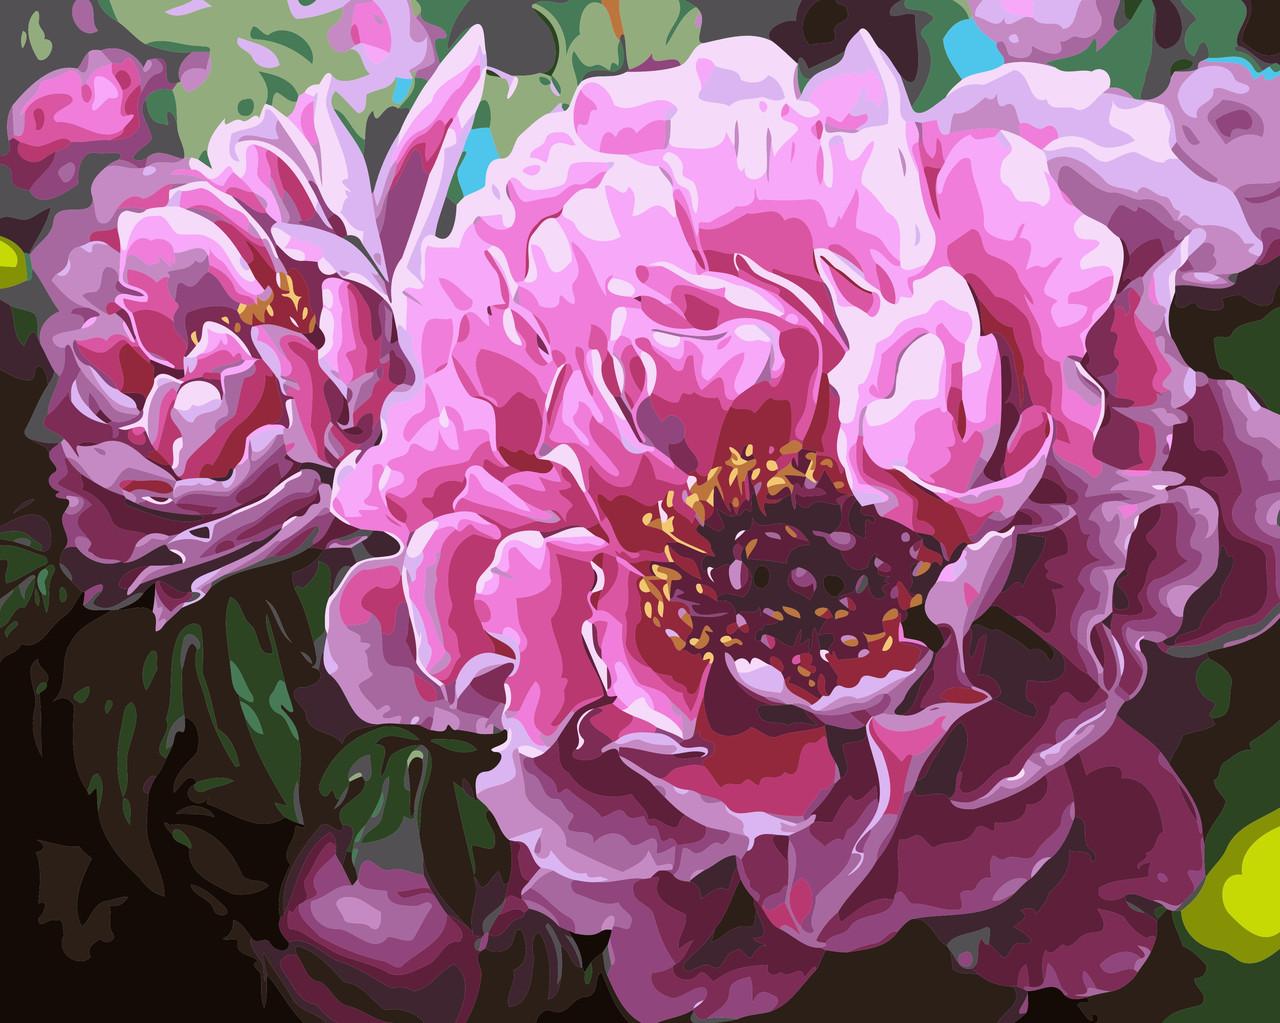 Художественный творческий набор, картина по номерам Садовые пионы, 50x40 см, «Art Story» (AS0356)